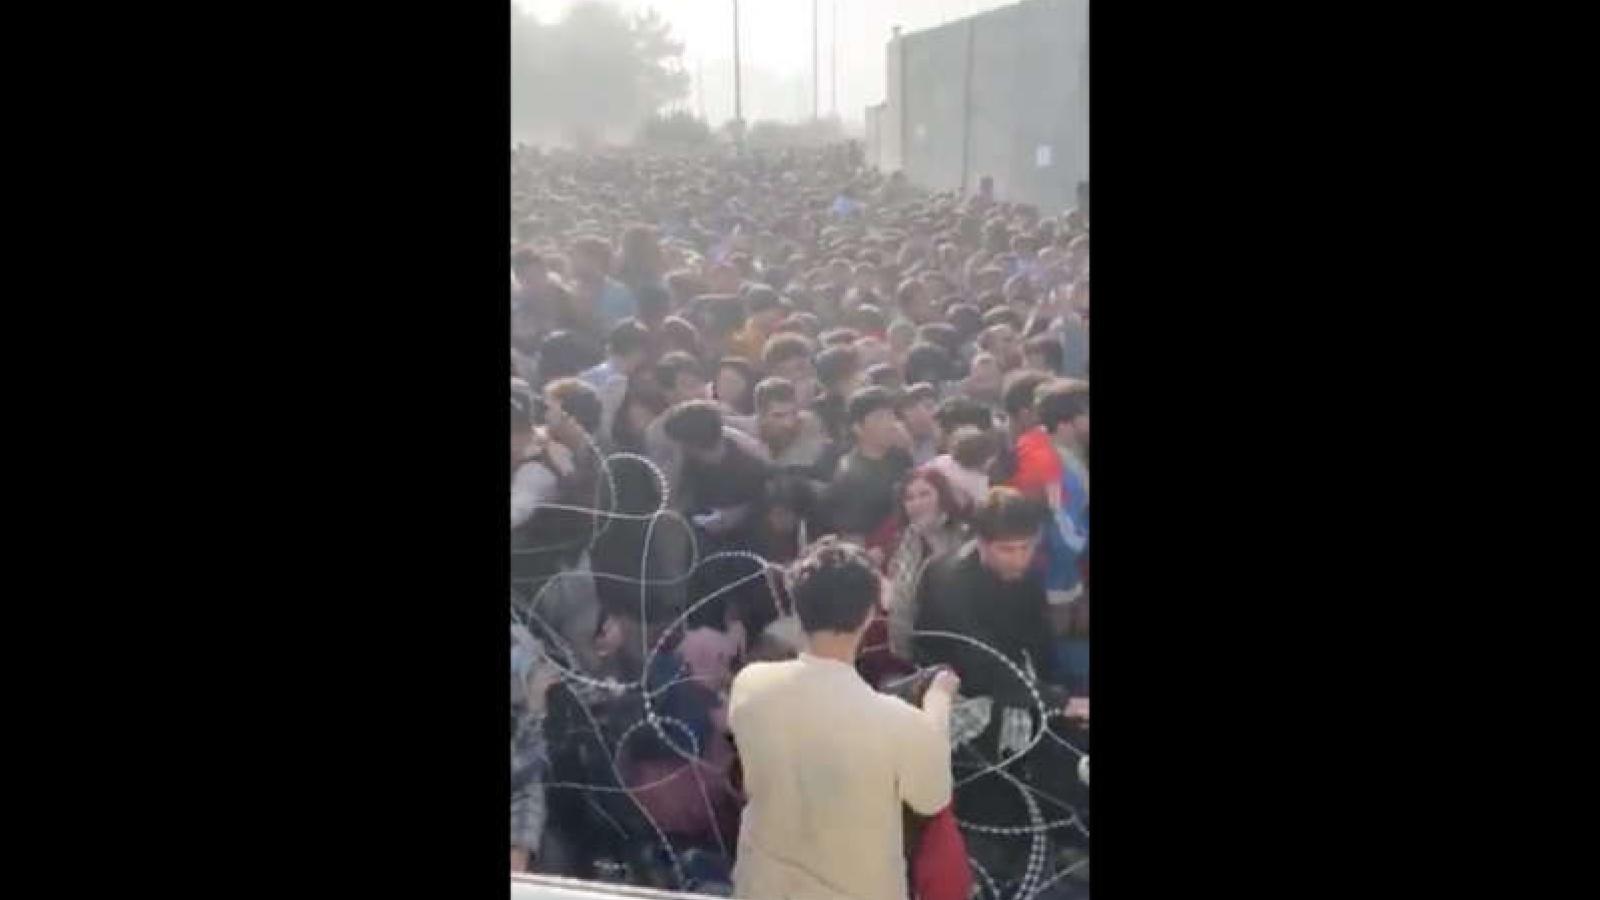 """Ám ảnh cảnh tượng biển người chen chúc """"không còn lối thoát"""" ở sân bay Kabul"""